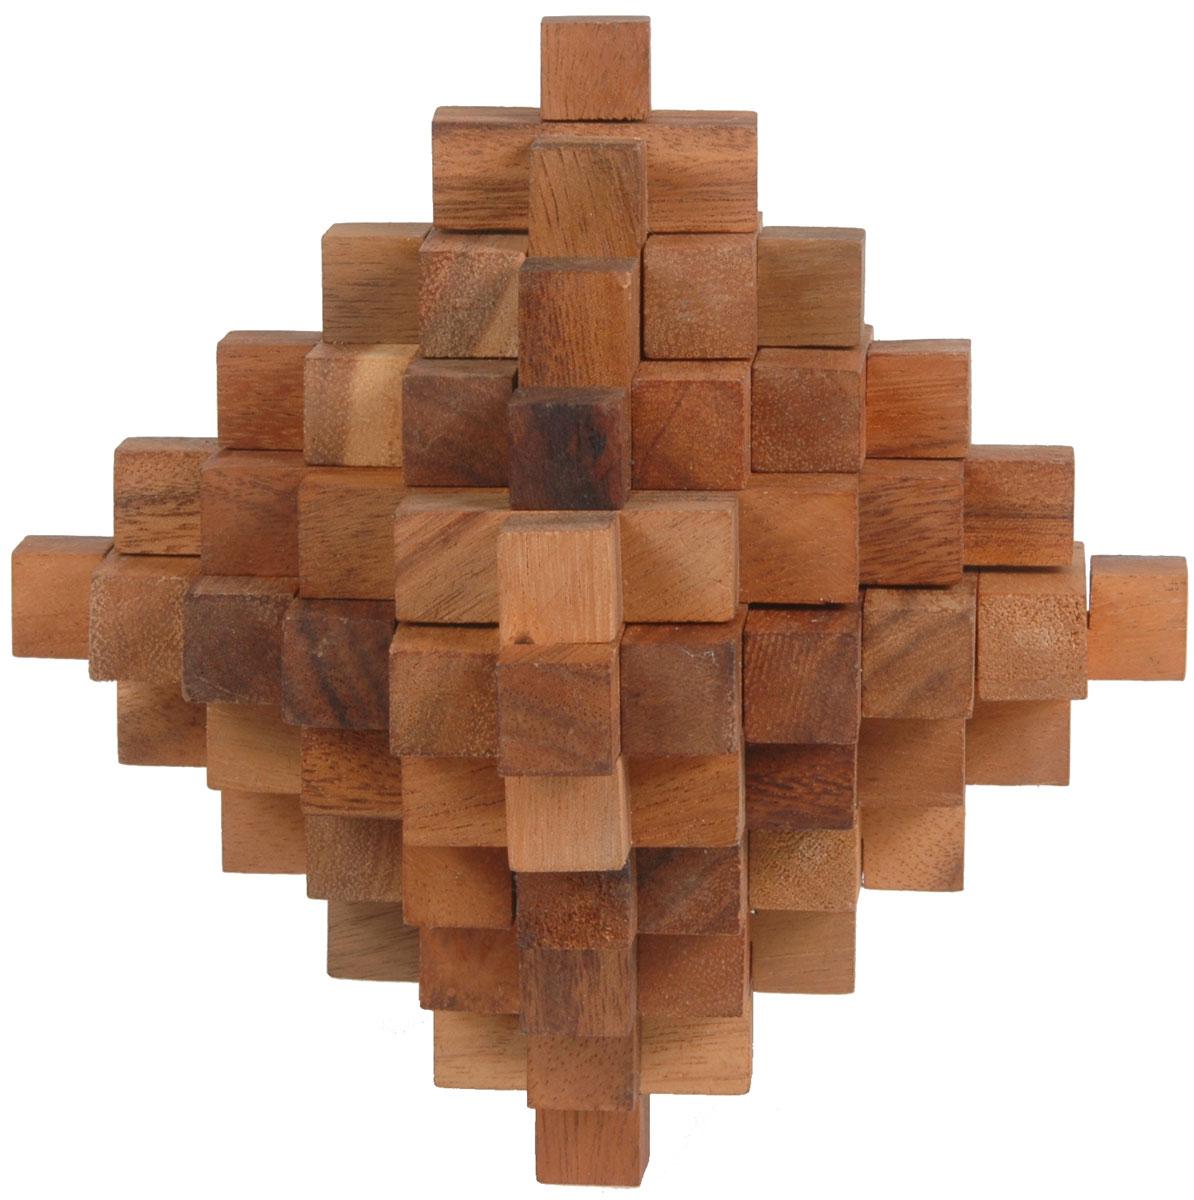 Dilemma Головоломка Большой метеоритIQ140Головоломка Dilemma Большой метеорит, выполненная из дерева, станет отличным подарком всем любителям головоломок! Куб состоит из 51 деревянной детали. Некоторые детали одинаковой формы, так что всего здесь 11 разных видов деталей. Попробуйте разобрать детали (это нетрудно), а затем собрать их обратно (это нелегко). Слишком сложно? Воспользуйтесь подсказкой из предложенного решения. Игра рассчитана на одного игрока. Головоломка Dilemma Большой метеорит стимулирует логику, пространственное мышление и мелкую моторику рук.